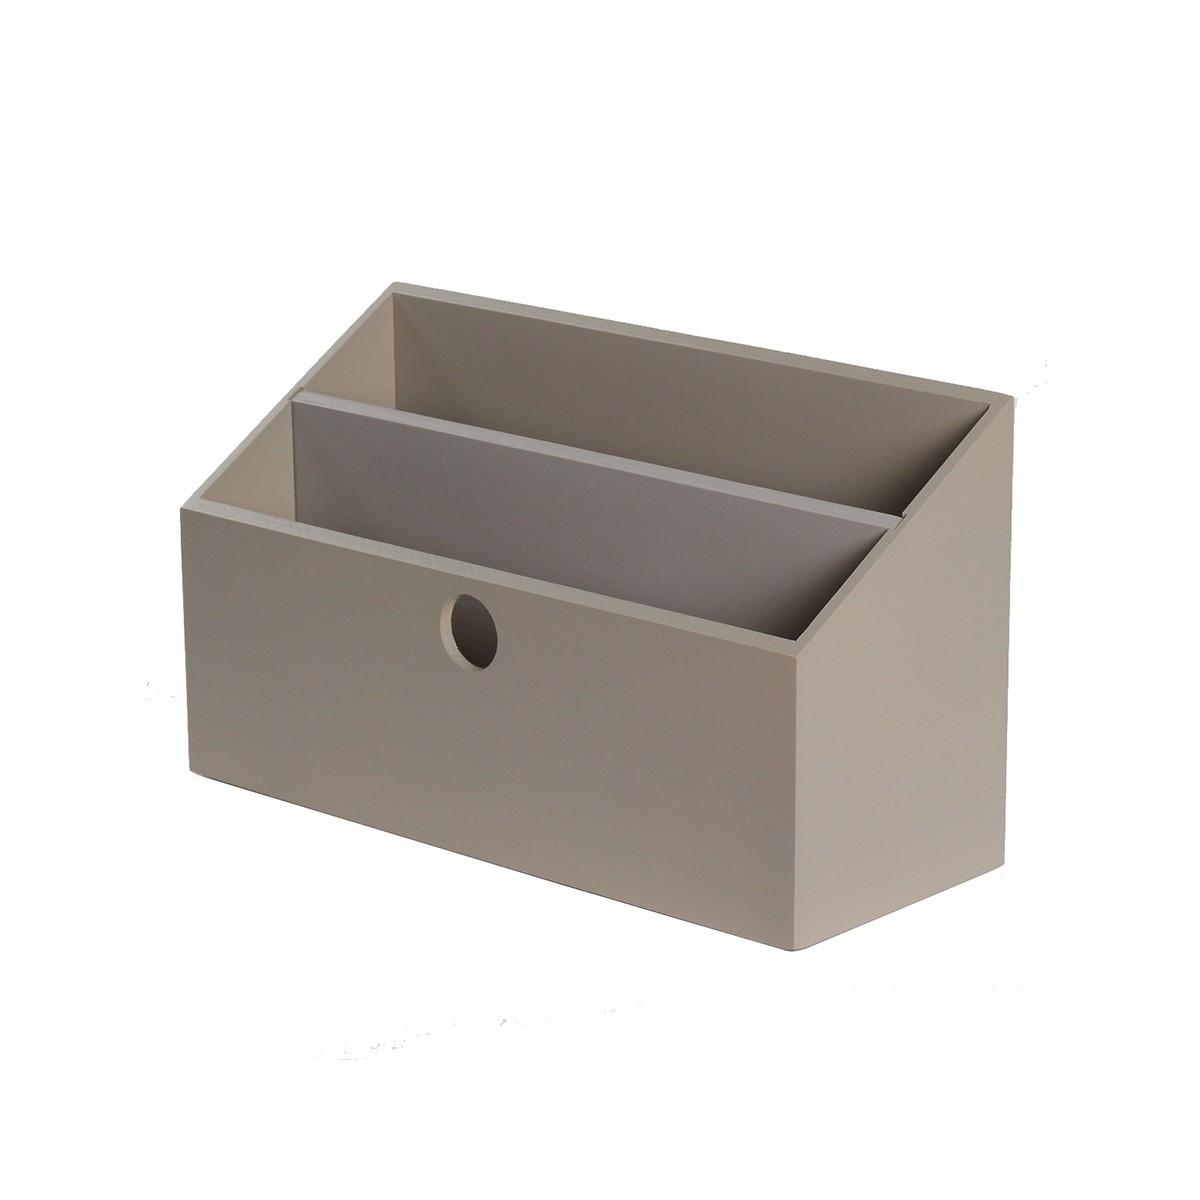 Porte lettres bois gris taupe rangement courrier - Porte revues en bois ...